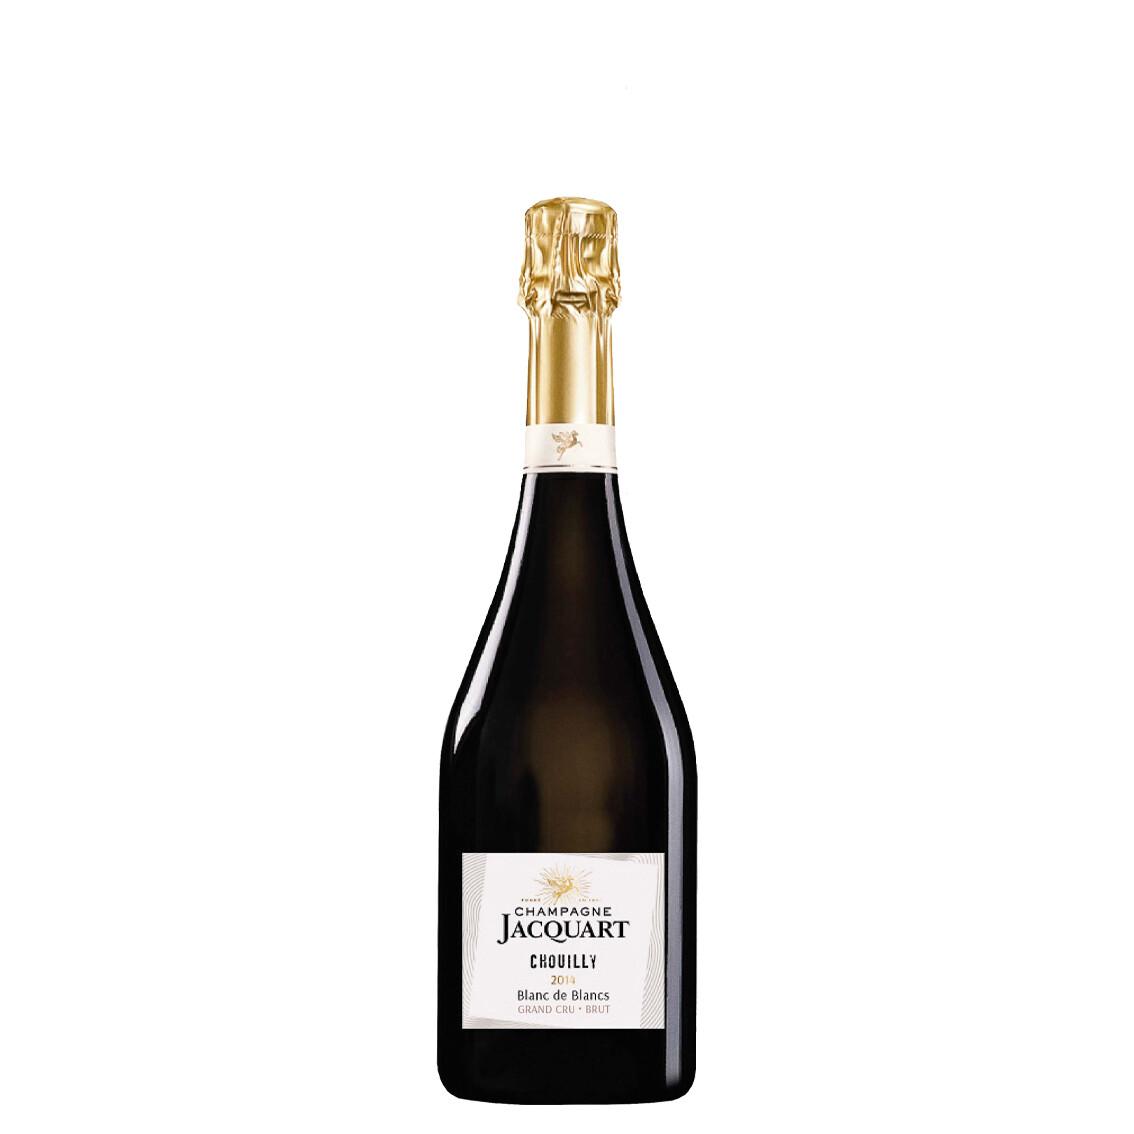 Riserve - Chouilly Grand Cru Blanc de Blancs 2014 di Champagne Jacquart